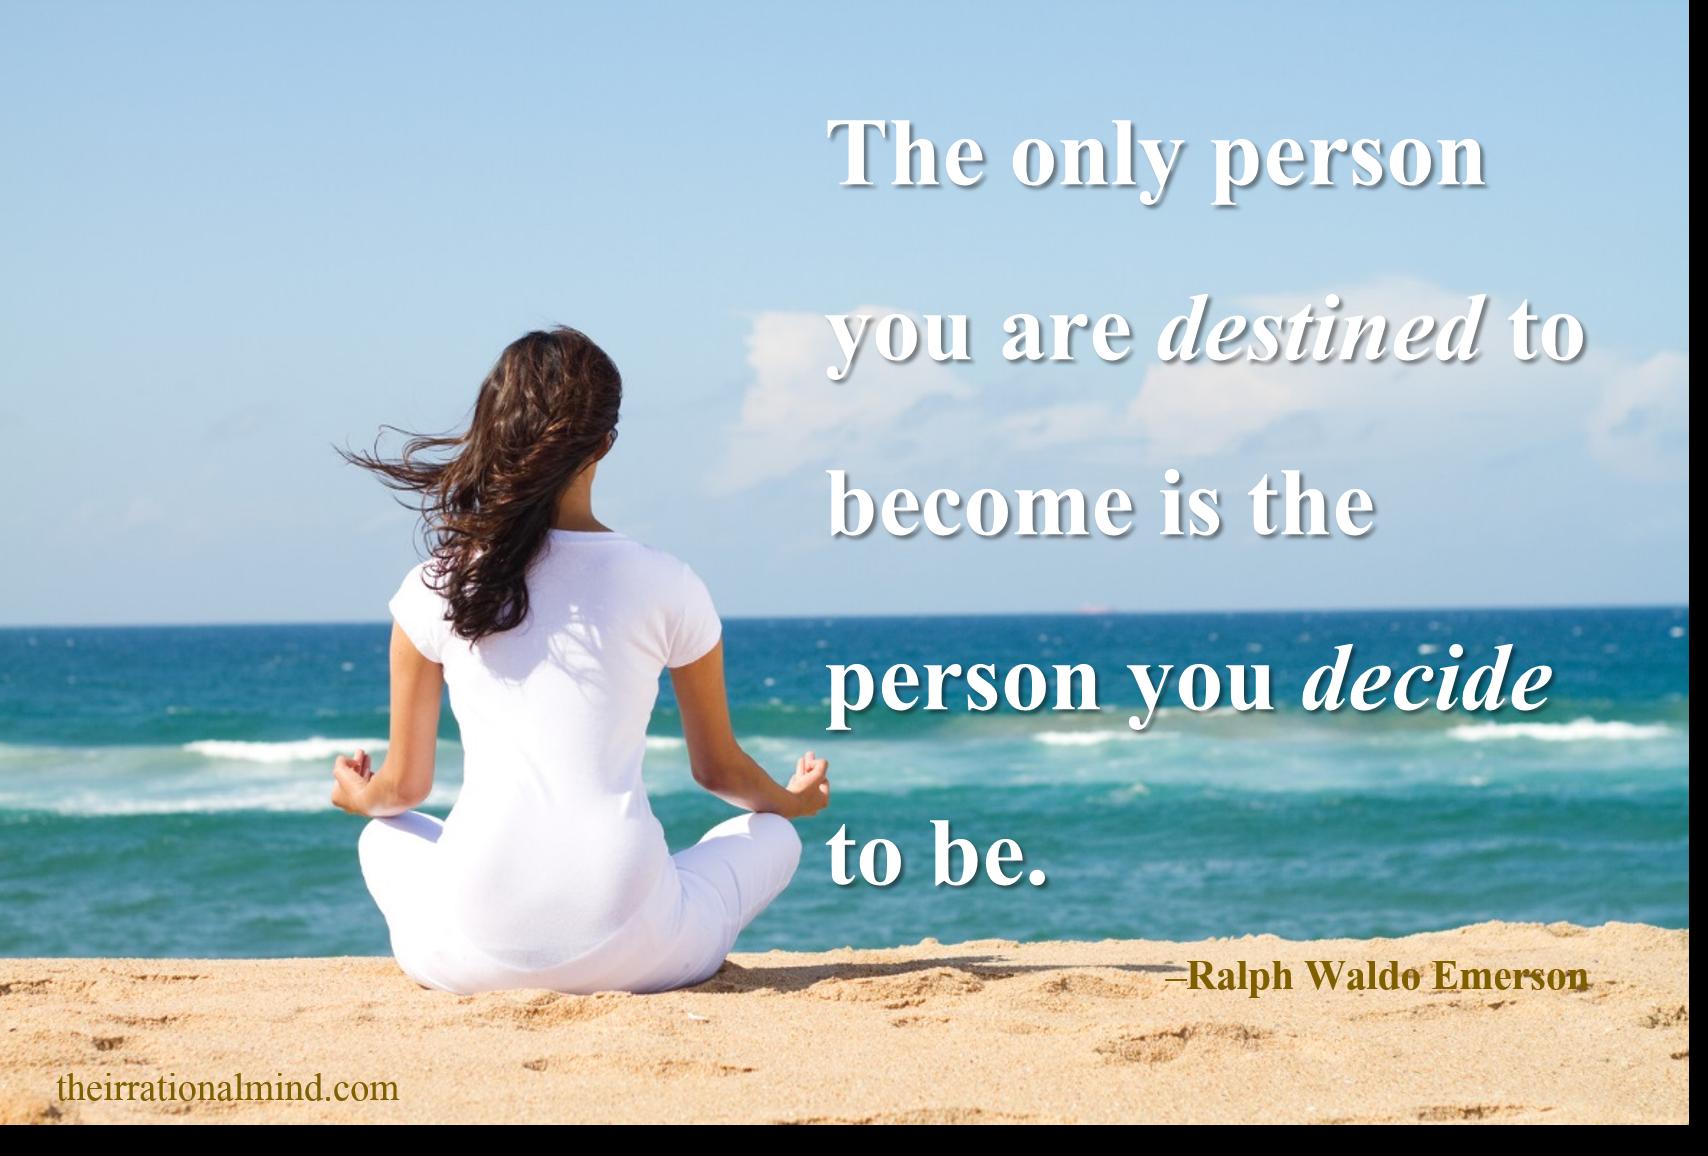 #Decisions vs. #Destiny theirrationalmind.com # ...